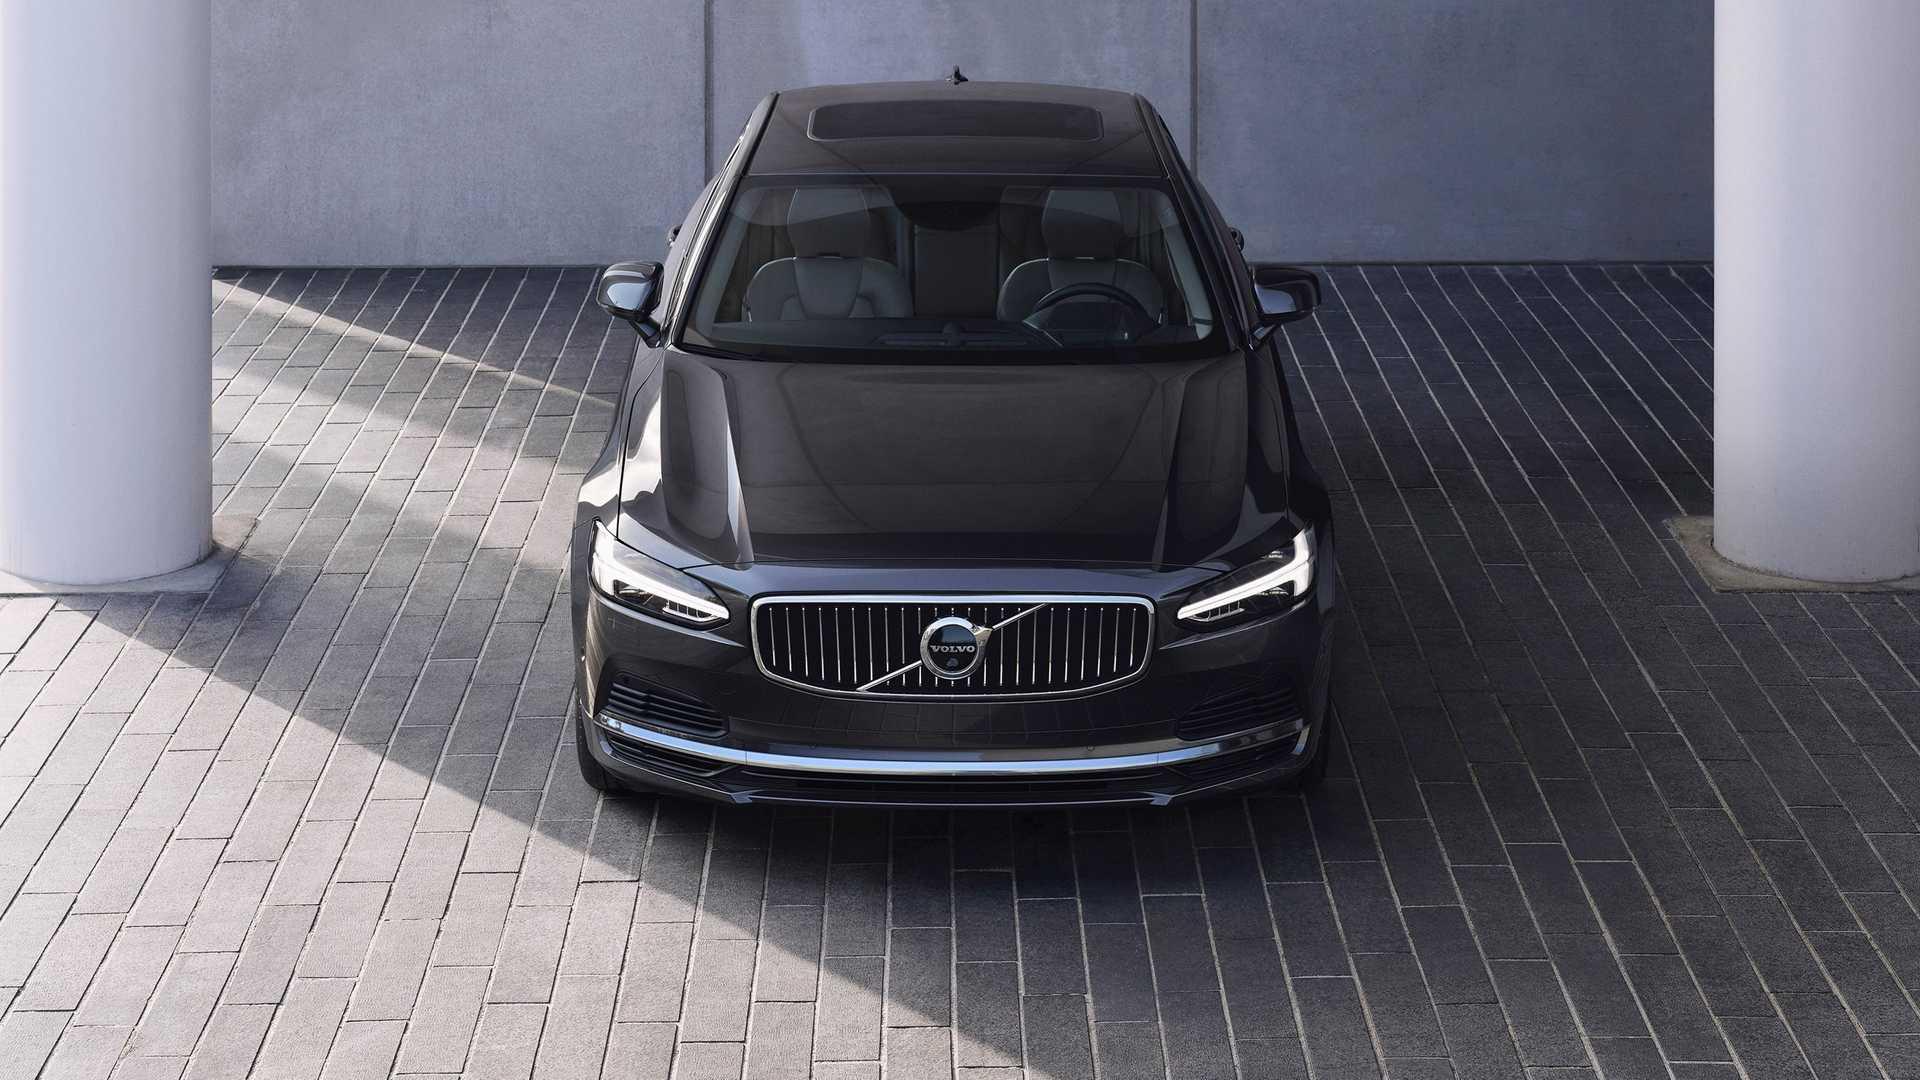 Флагманские Volvo обновились и научились имитировать джаз-клуб 1